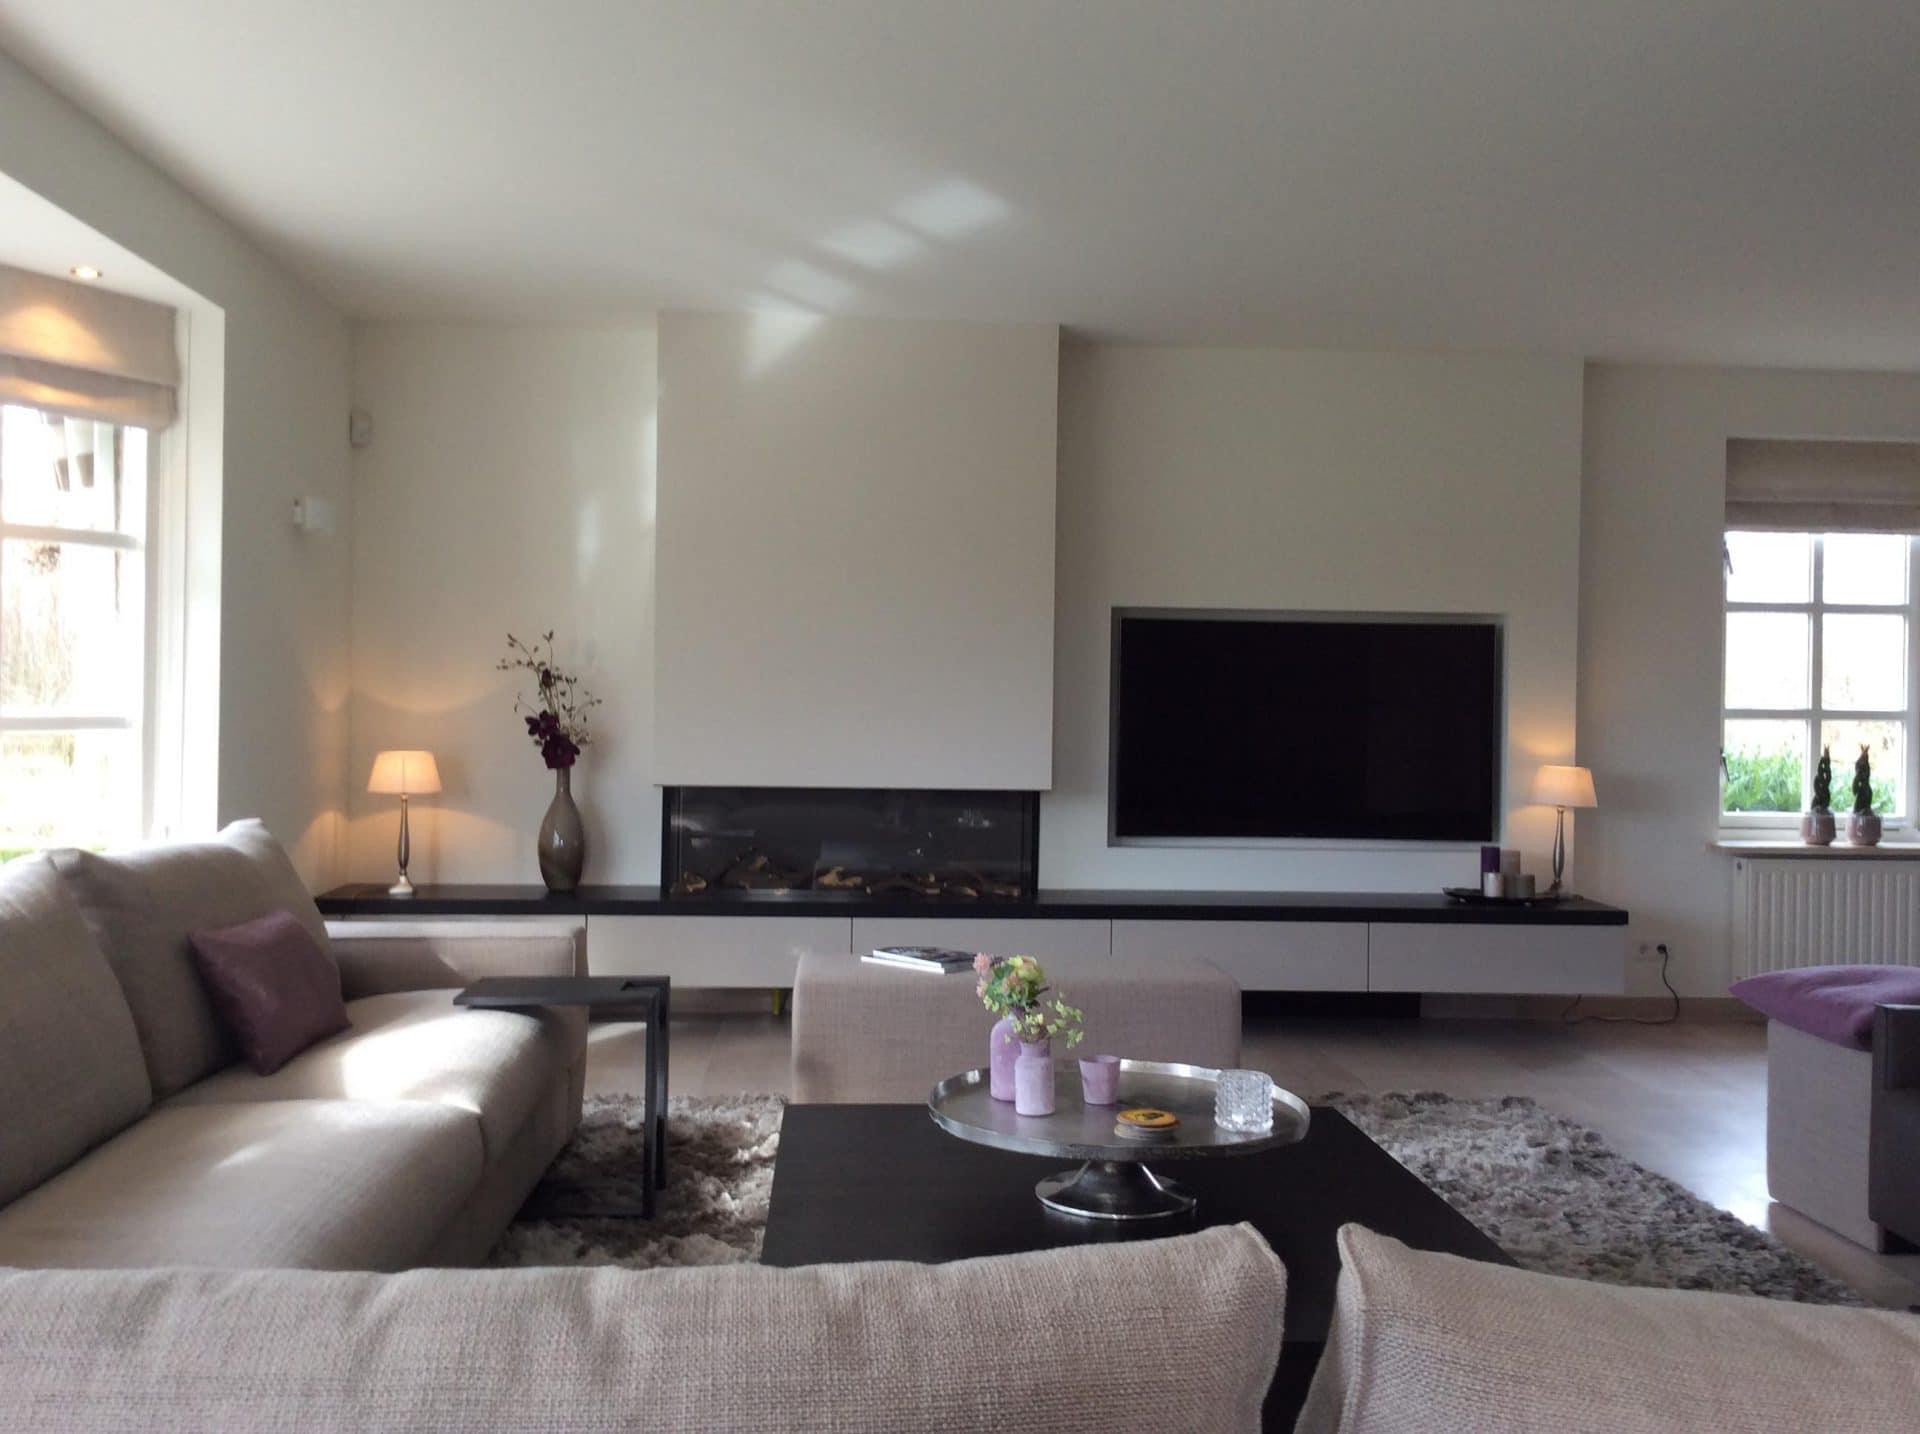 Centrale zitplek bij haard en tv